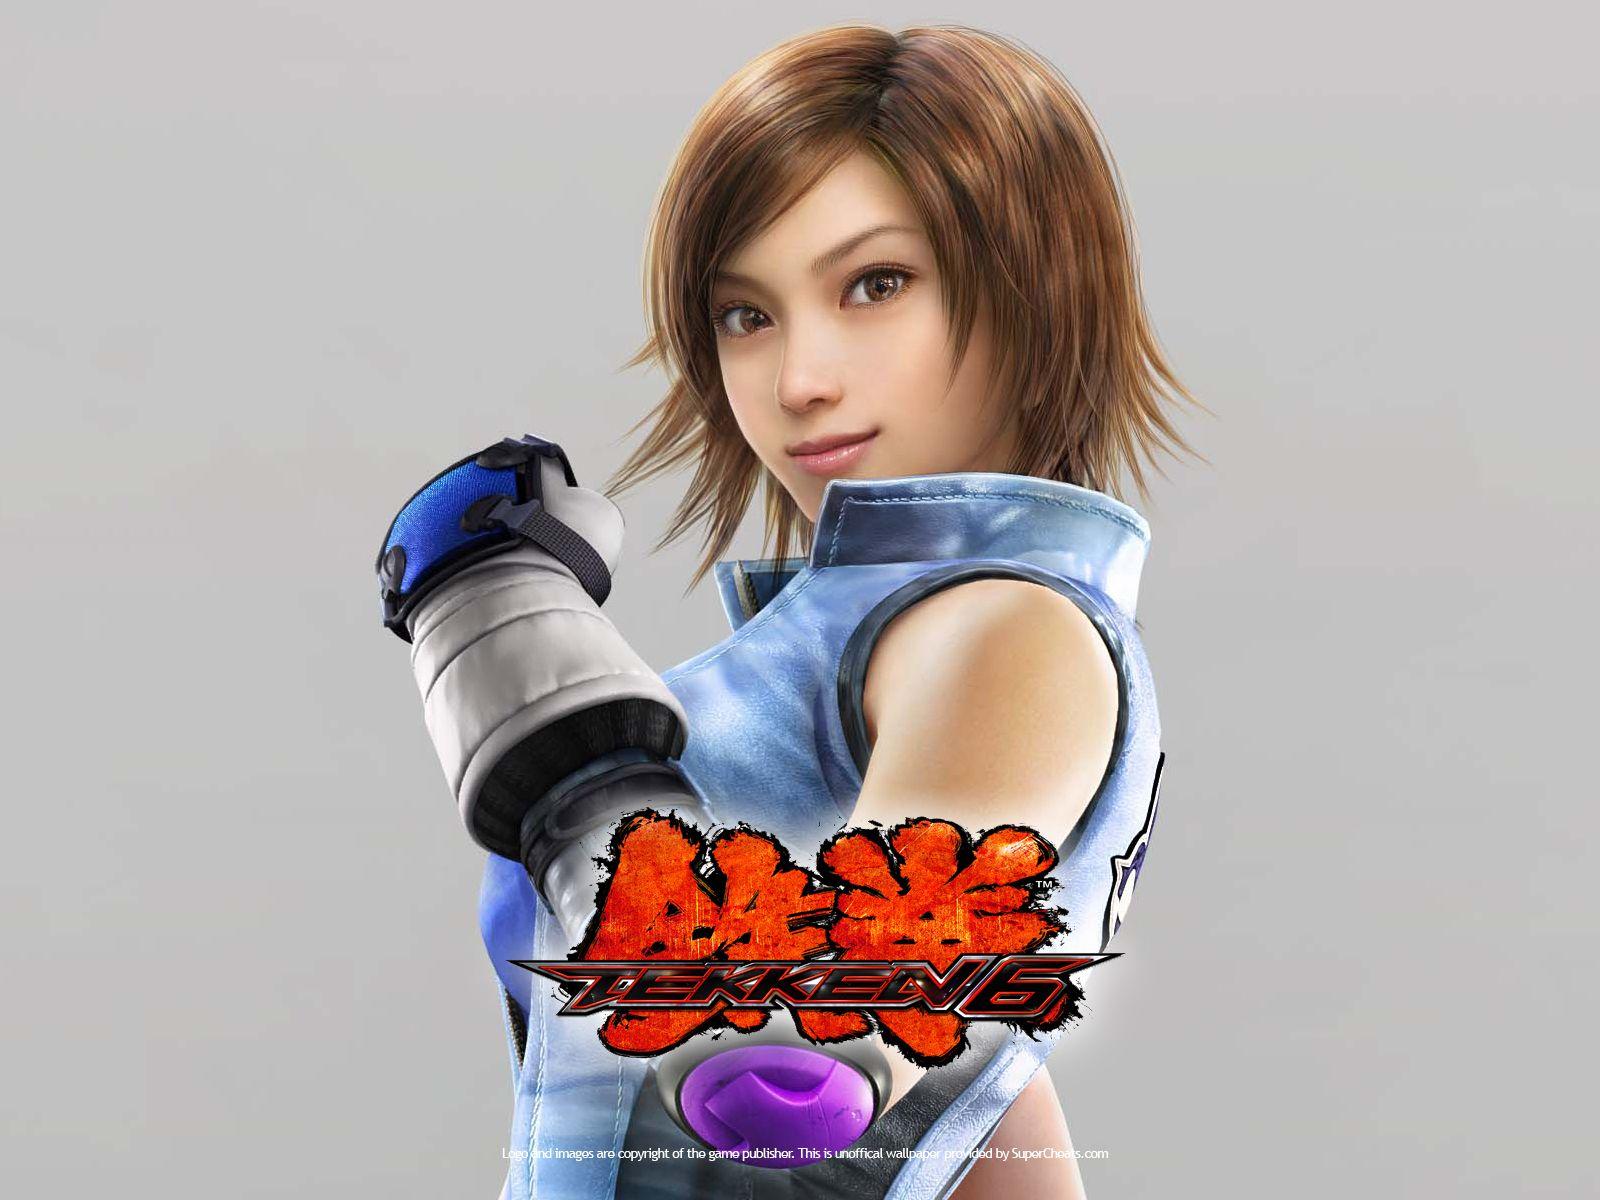 tekken | Tekken Tekken Characters